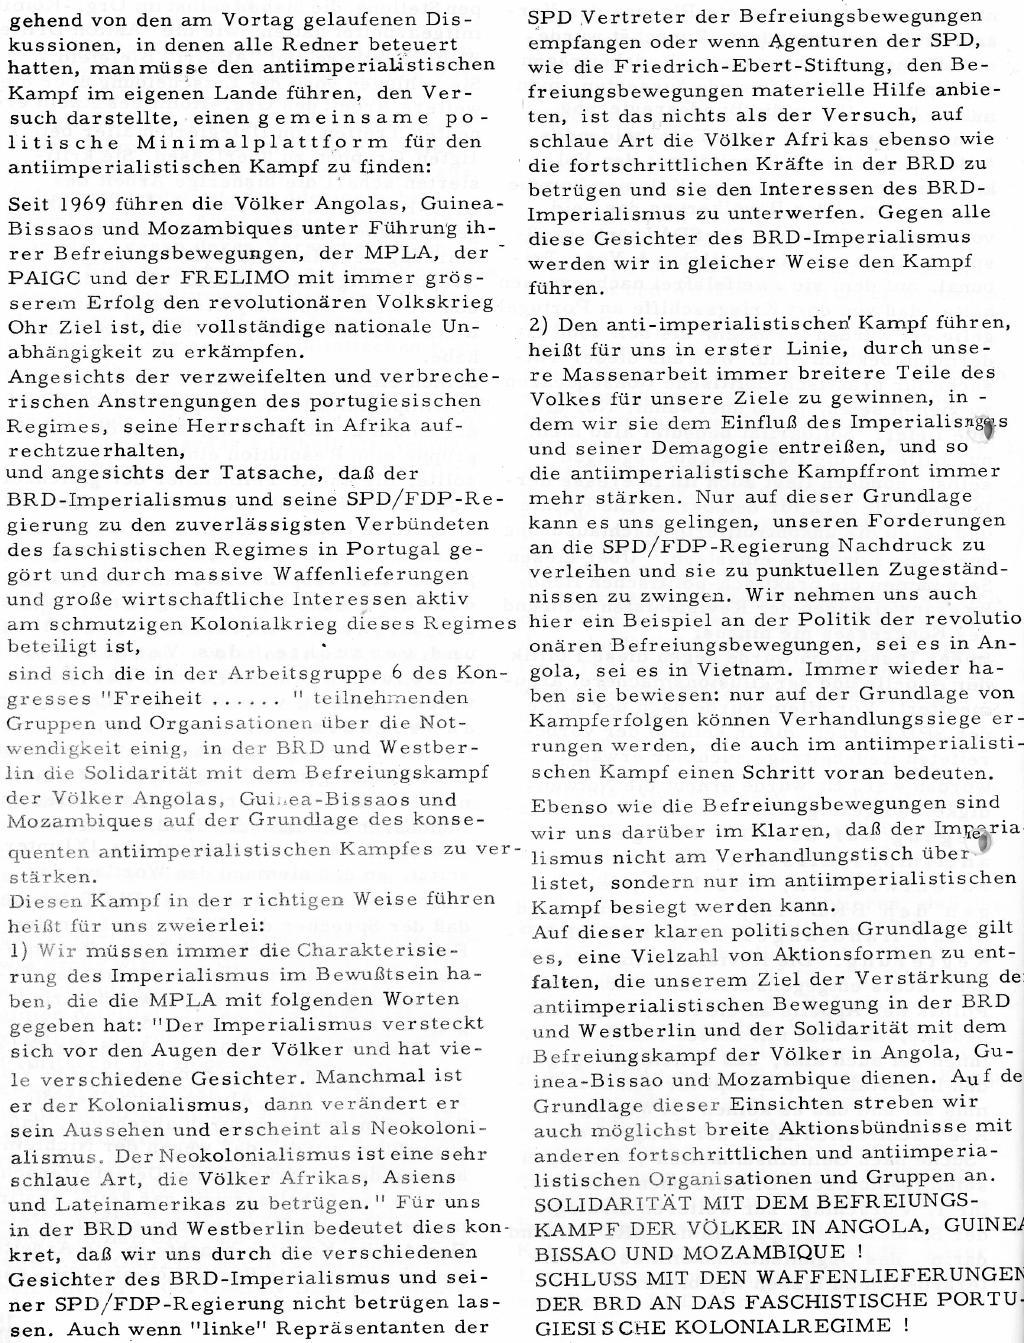 RPK_1973_003_004_16